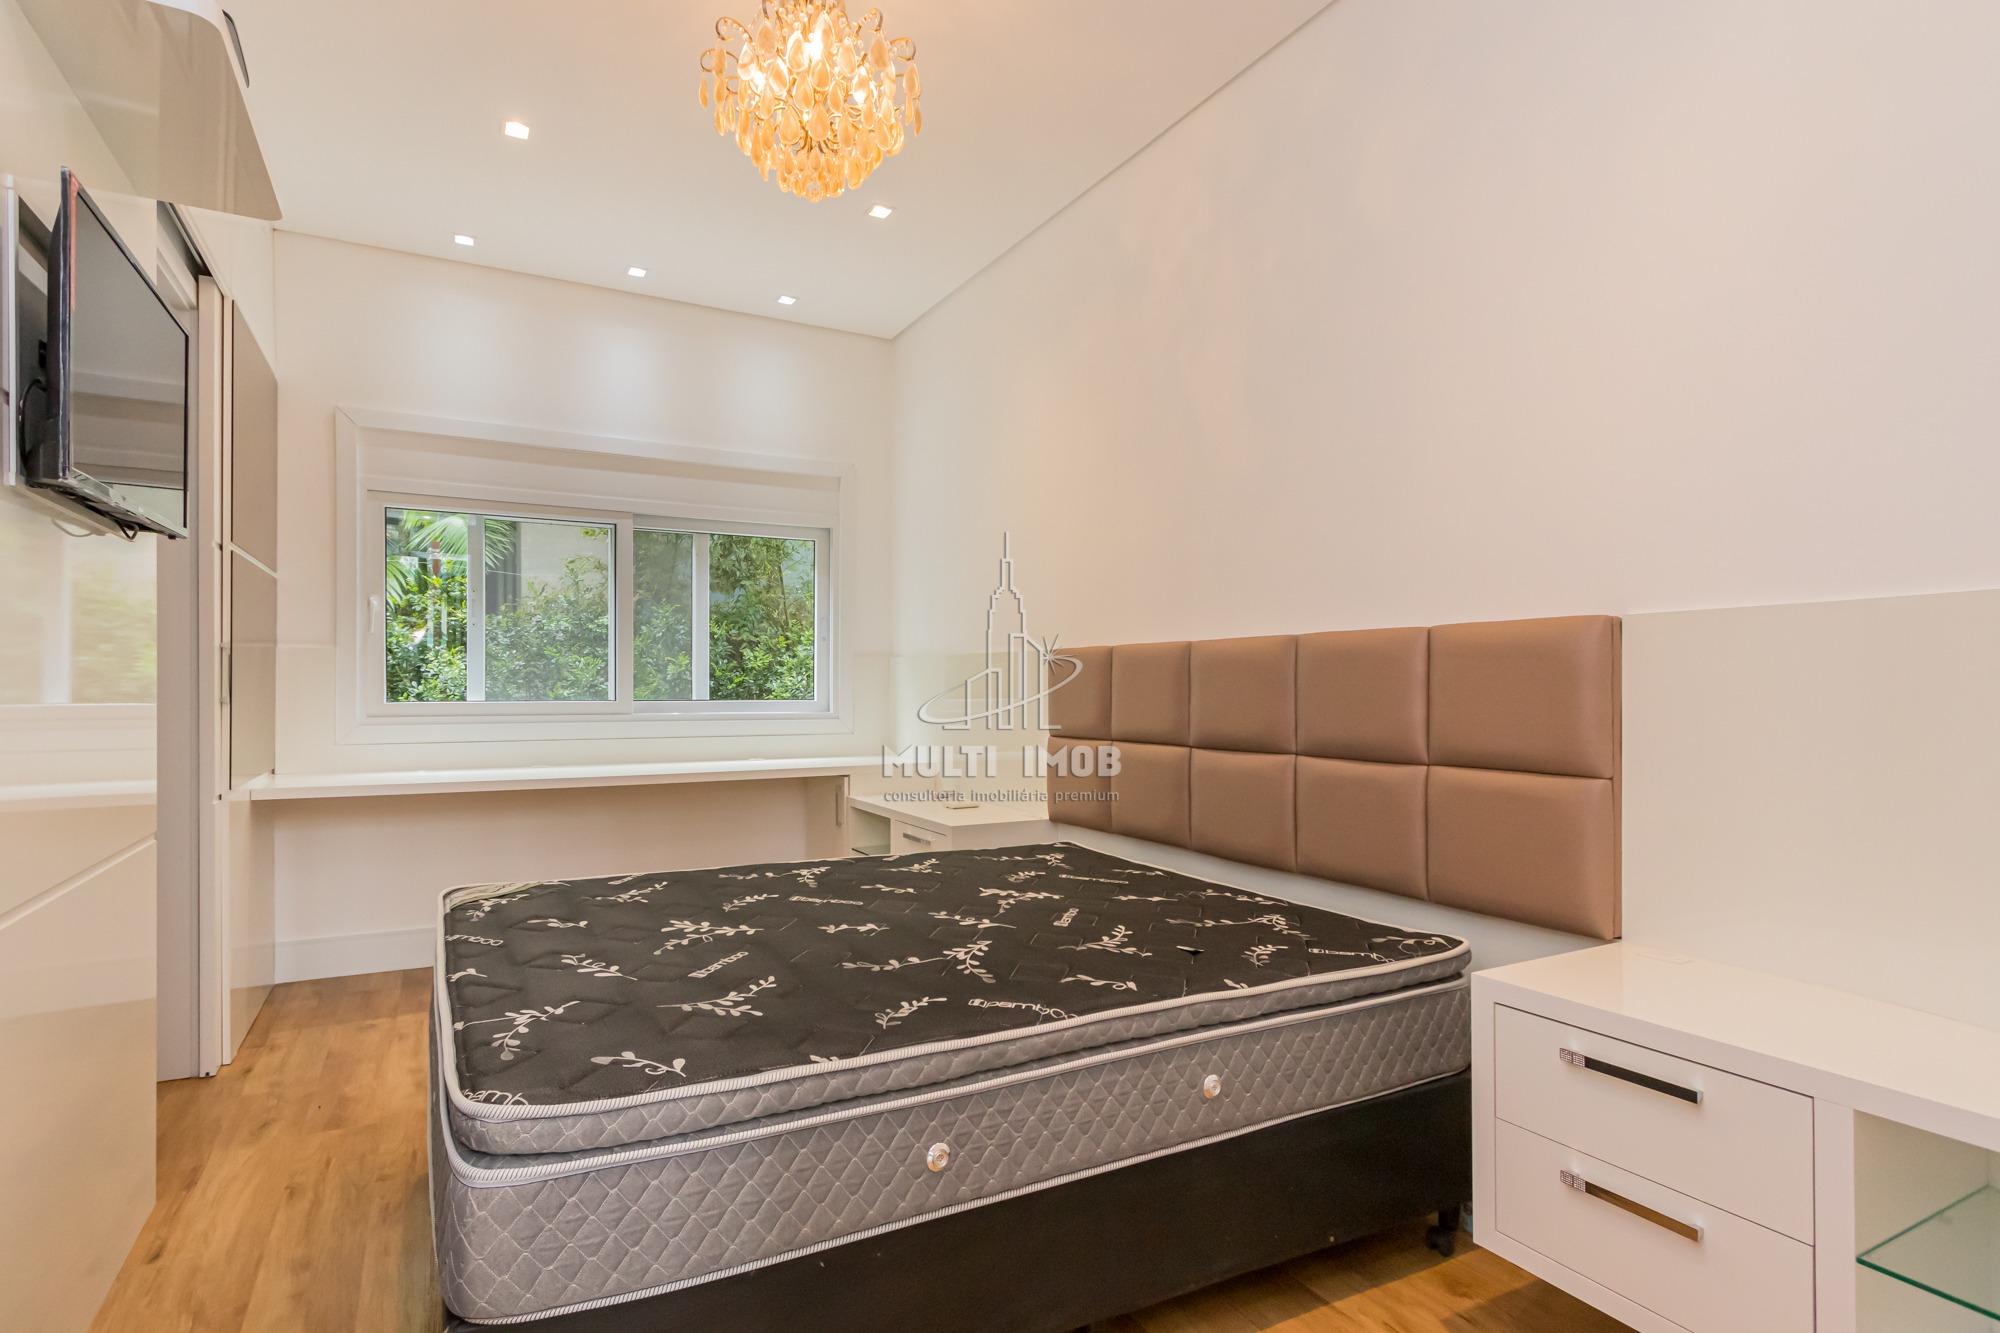 Casa em Condomínio  3 Dormitórios  3 Suítes  4 Vagas de Garagem Venda Bairro Sans Souci em Eldorado do Sul RS